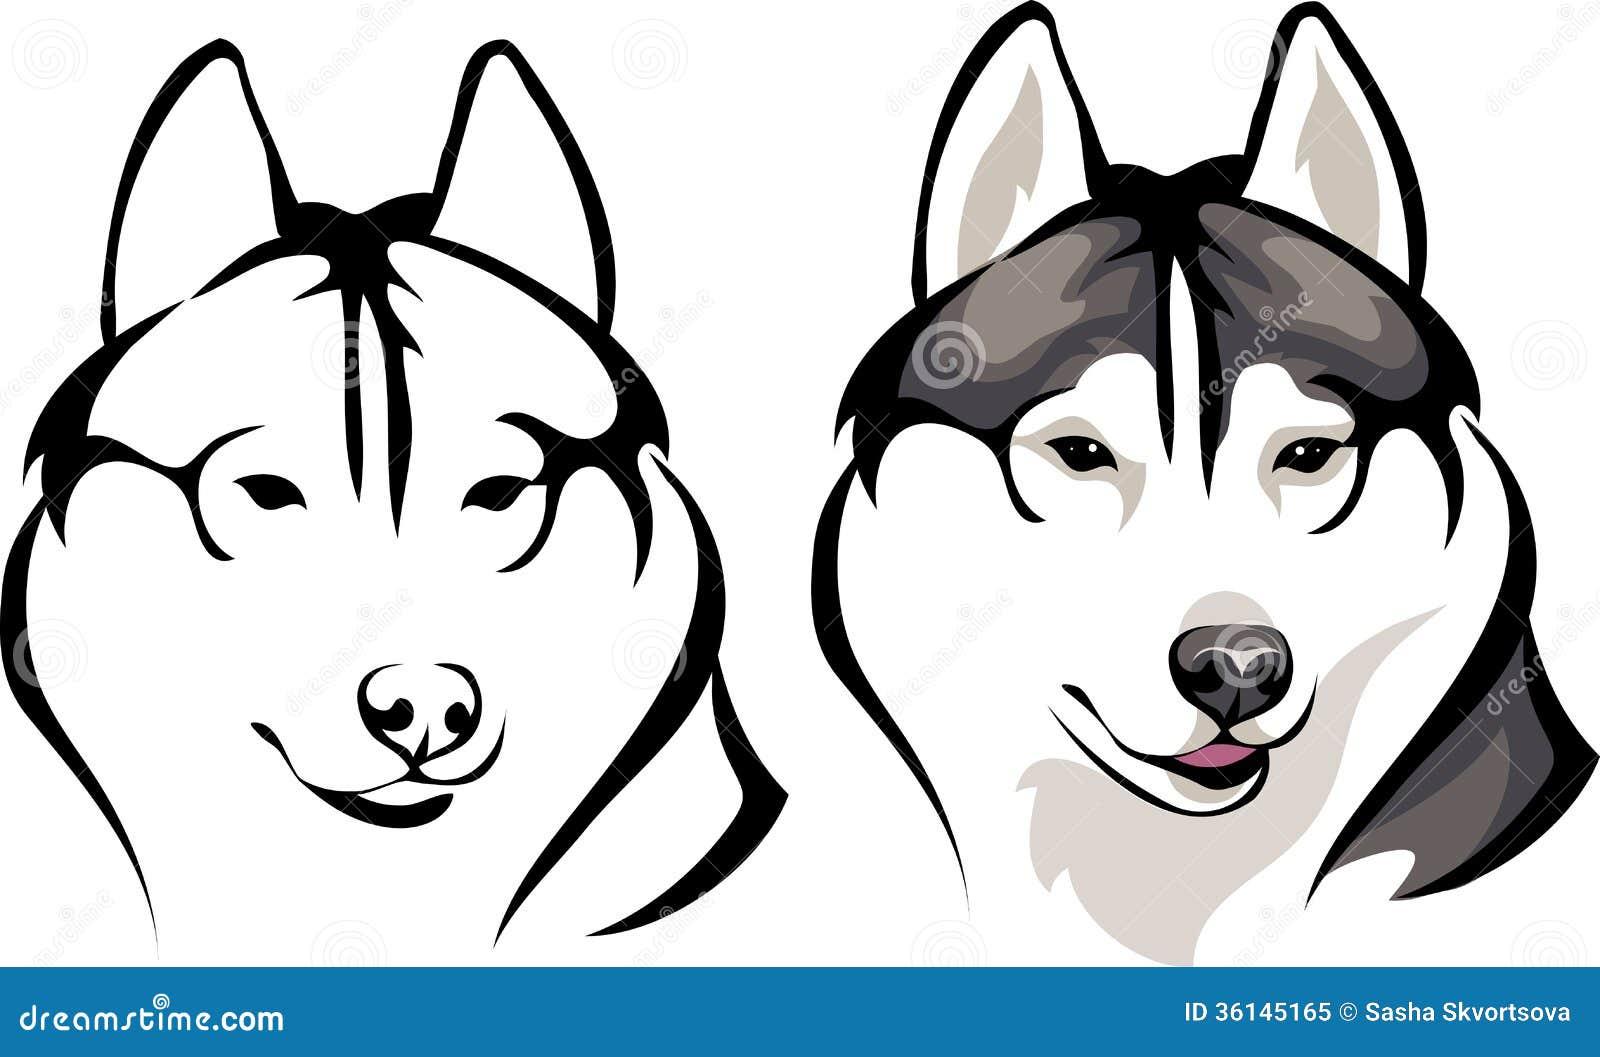 Рисунки собачки хаски